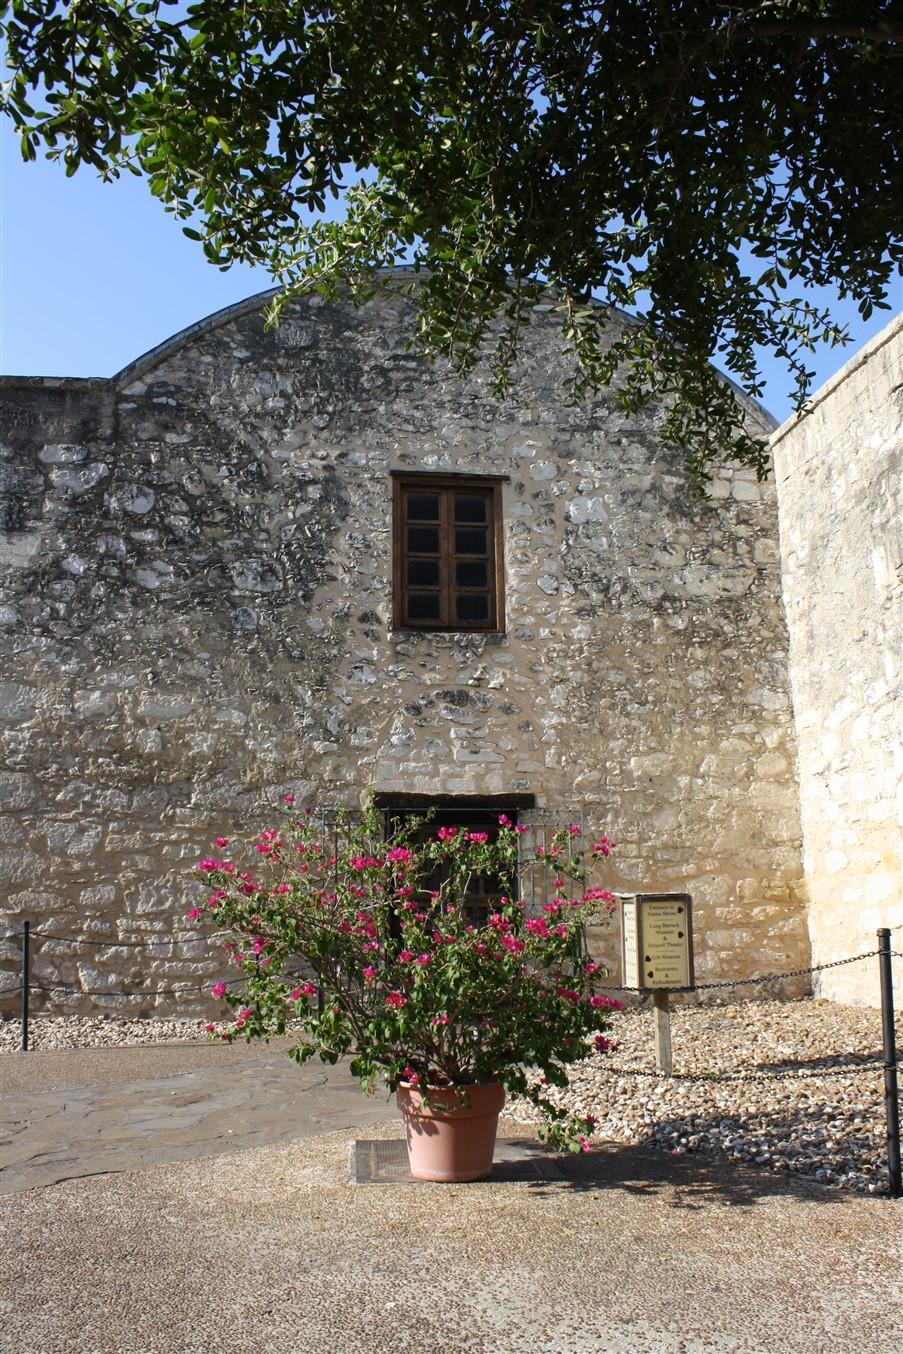 2009 08 27 5 San Antonio Alamo.jpg